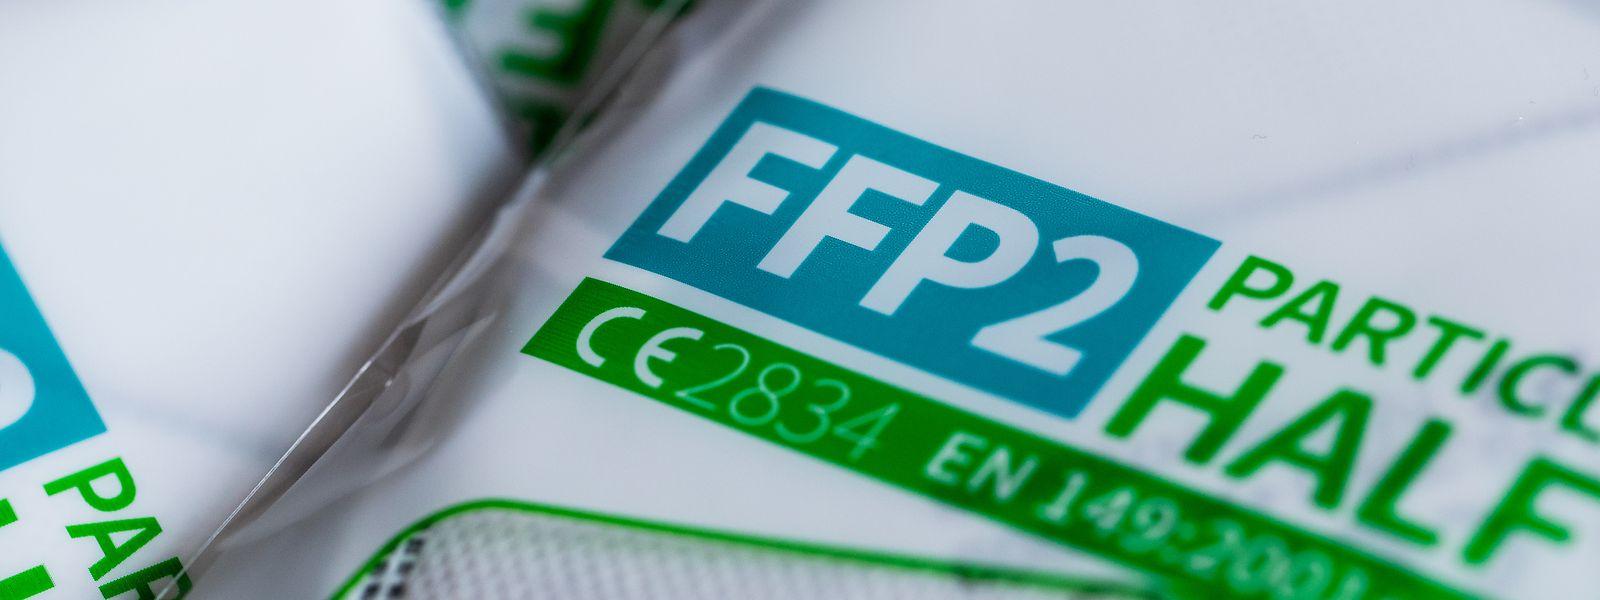 Le syndicat réclame notamment une ligne commune pour tous les établissements du pays dans l'attribution des masques FFP2 aux enseignants.